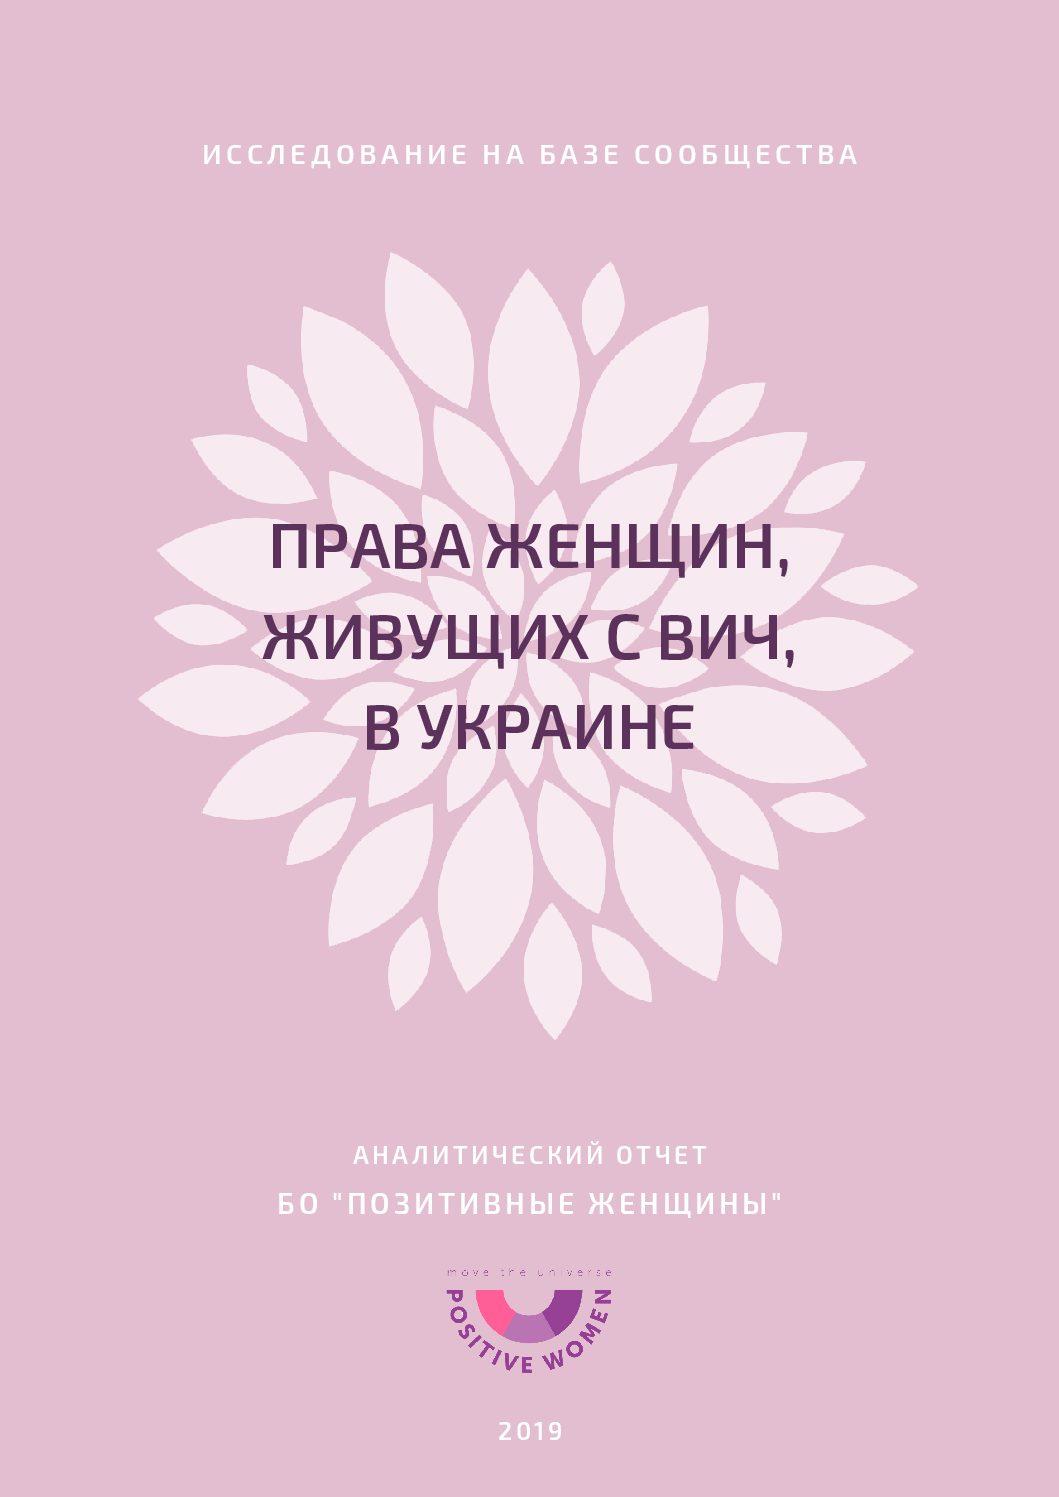 Права женщин, живущих с ВИЧ, в Украине. Аналитический отчет